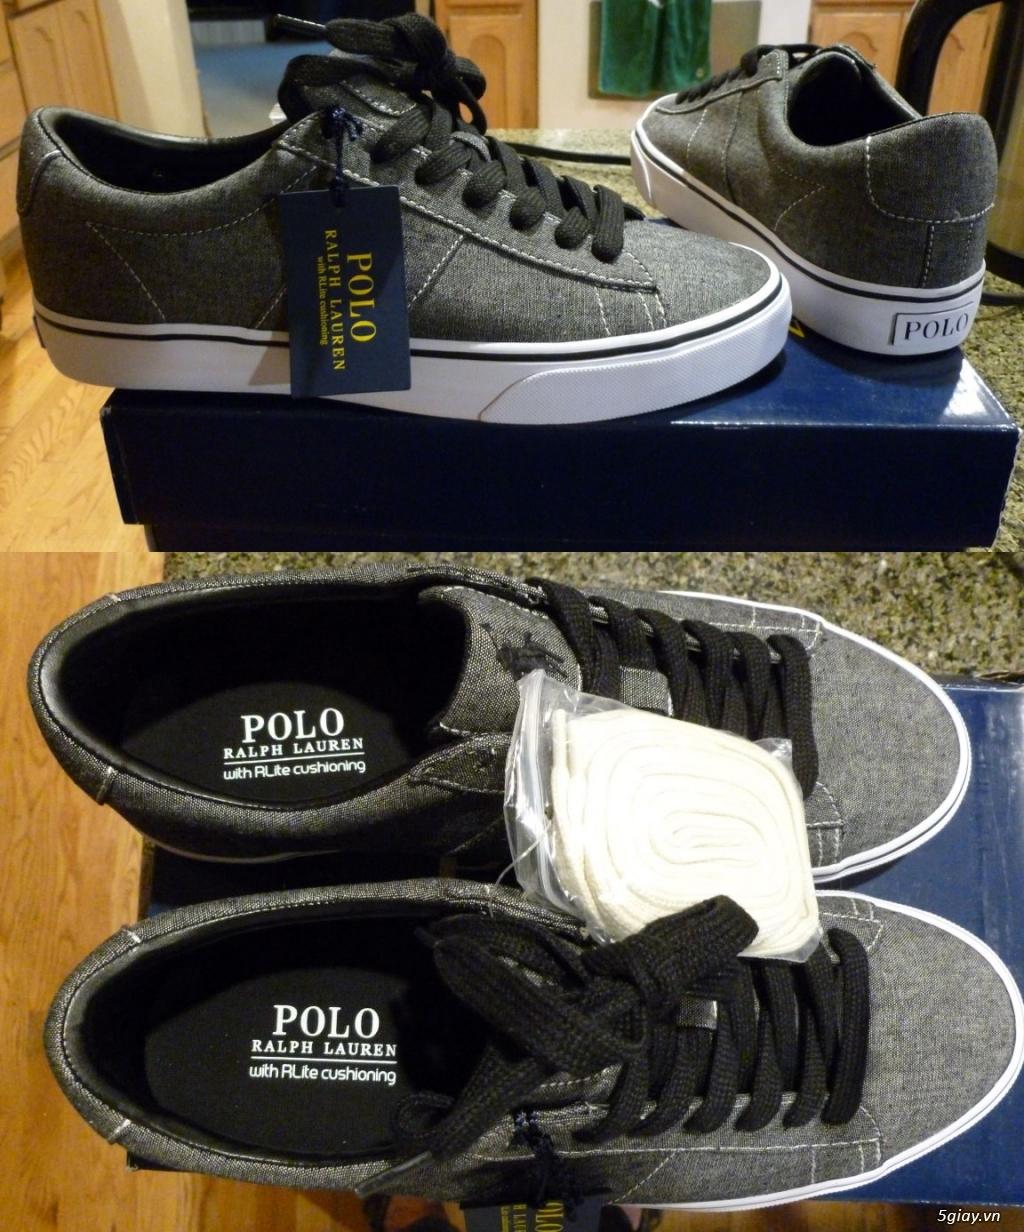 Mình xách/gửi giày Nike, Skechers, Reebok, Polo, Converse, v.v. từ Mỹ. - 51